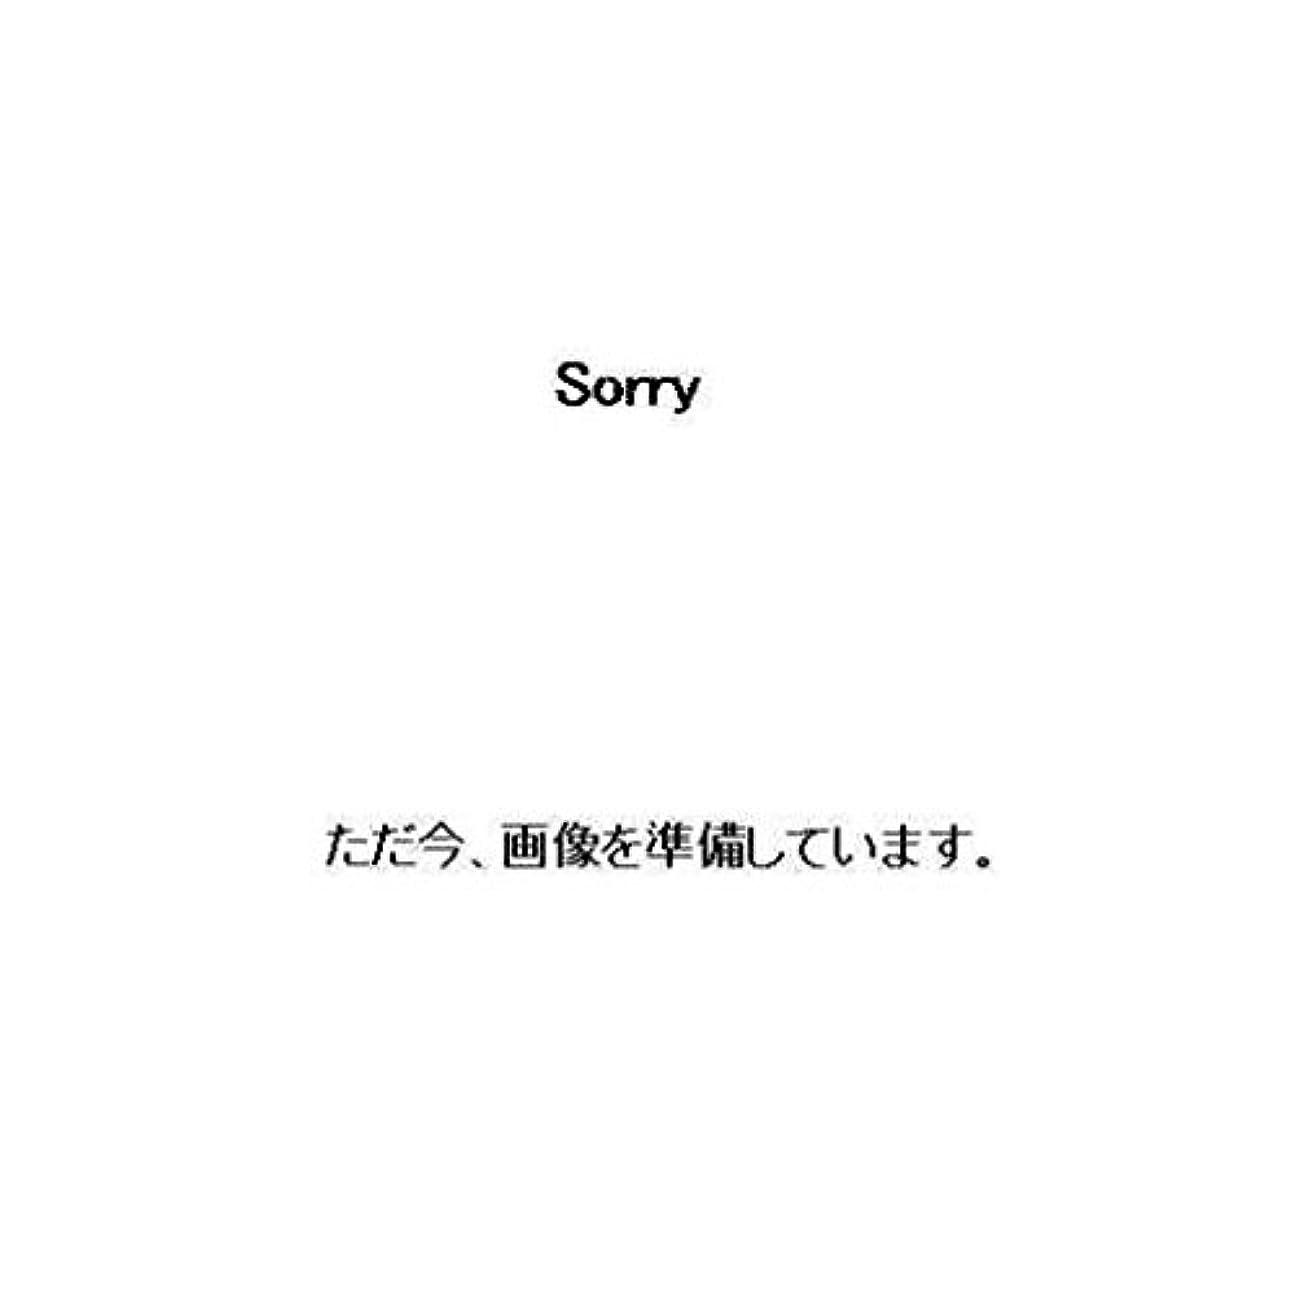 仲間、同僚裁判所誓いAP83582 ペンダント ゴールド レトロ ブラッシュ